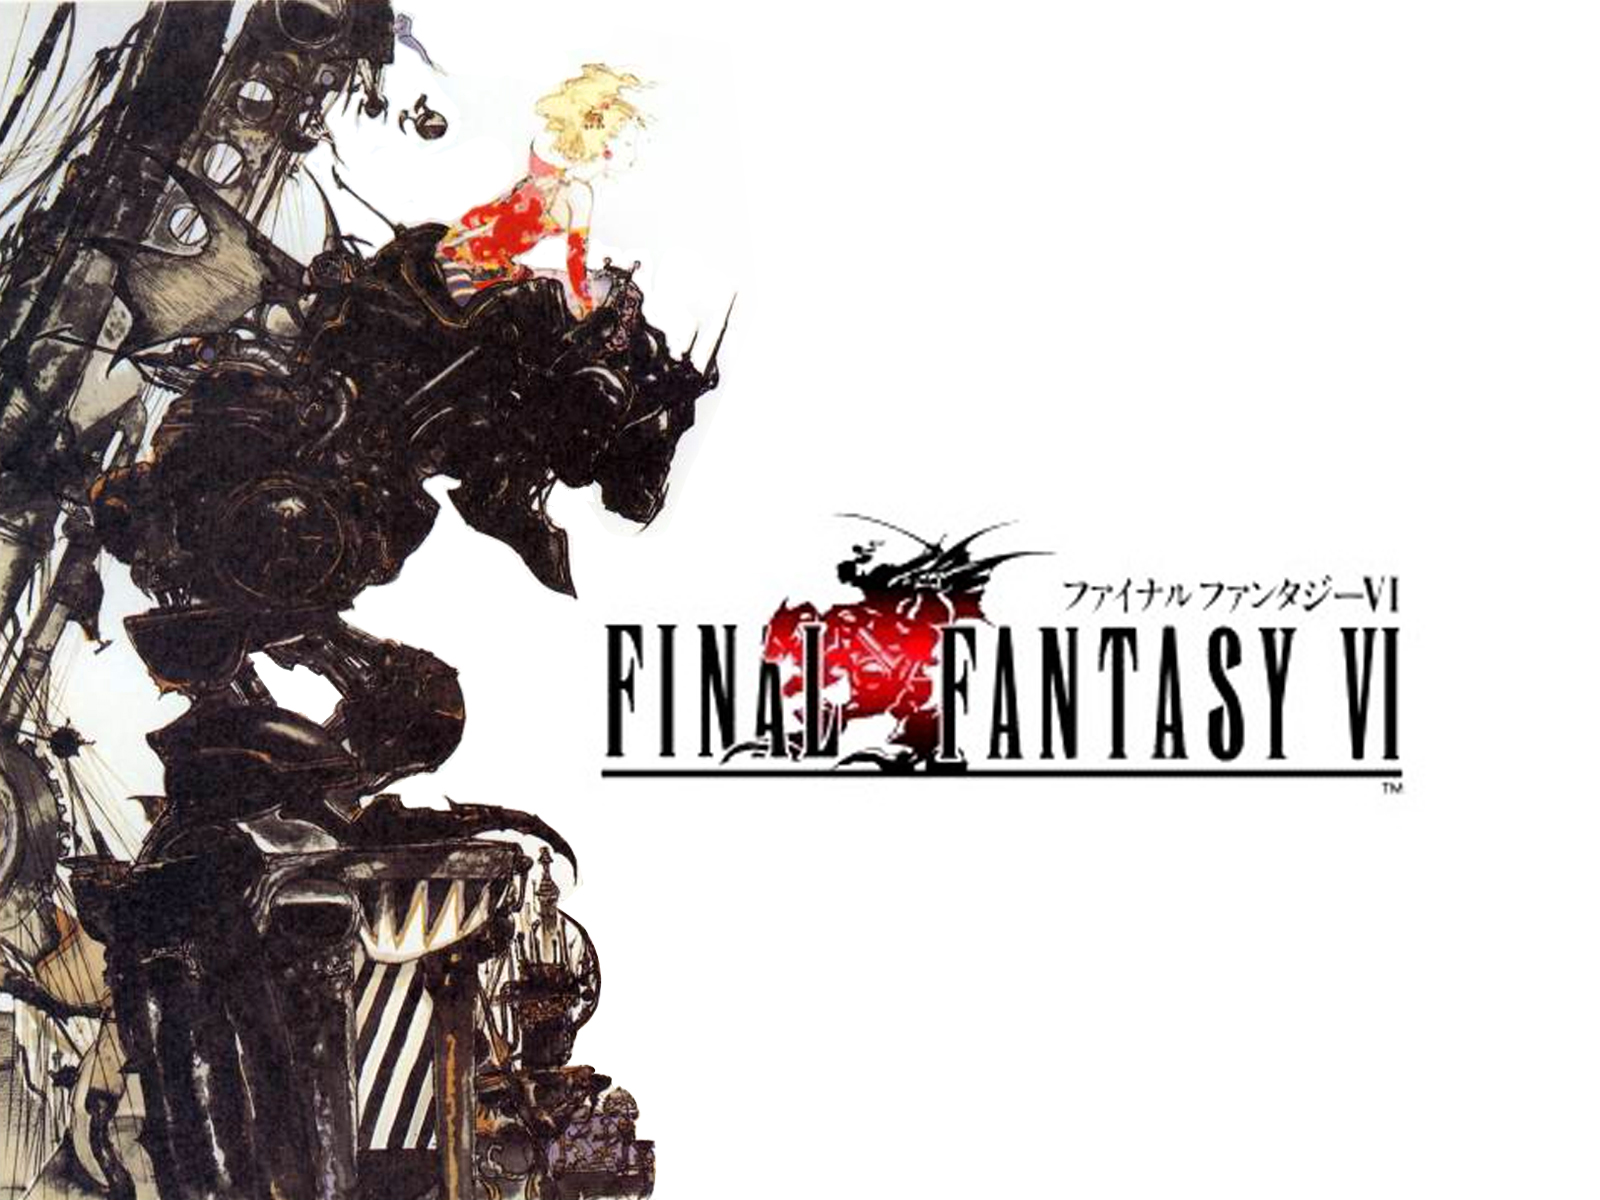 Final Fantasy VI – Game Boy Advance